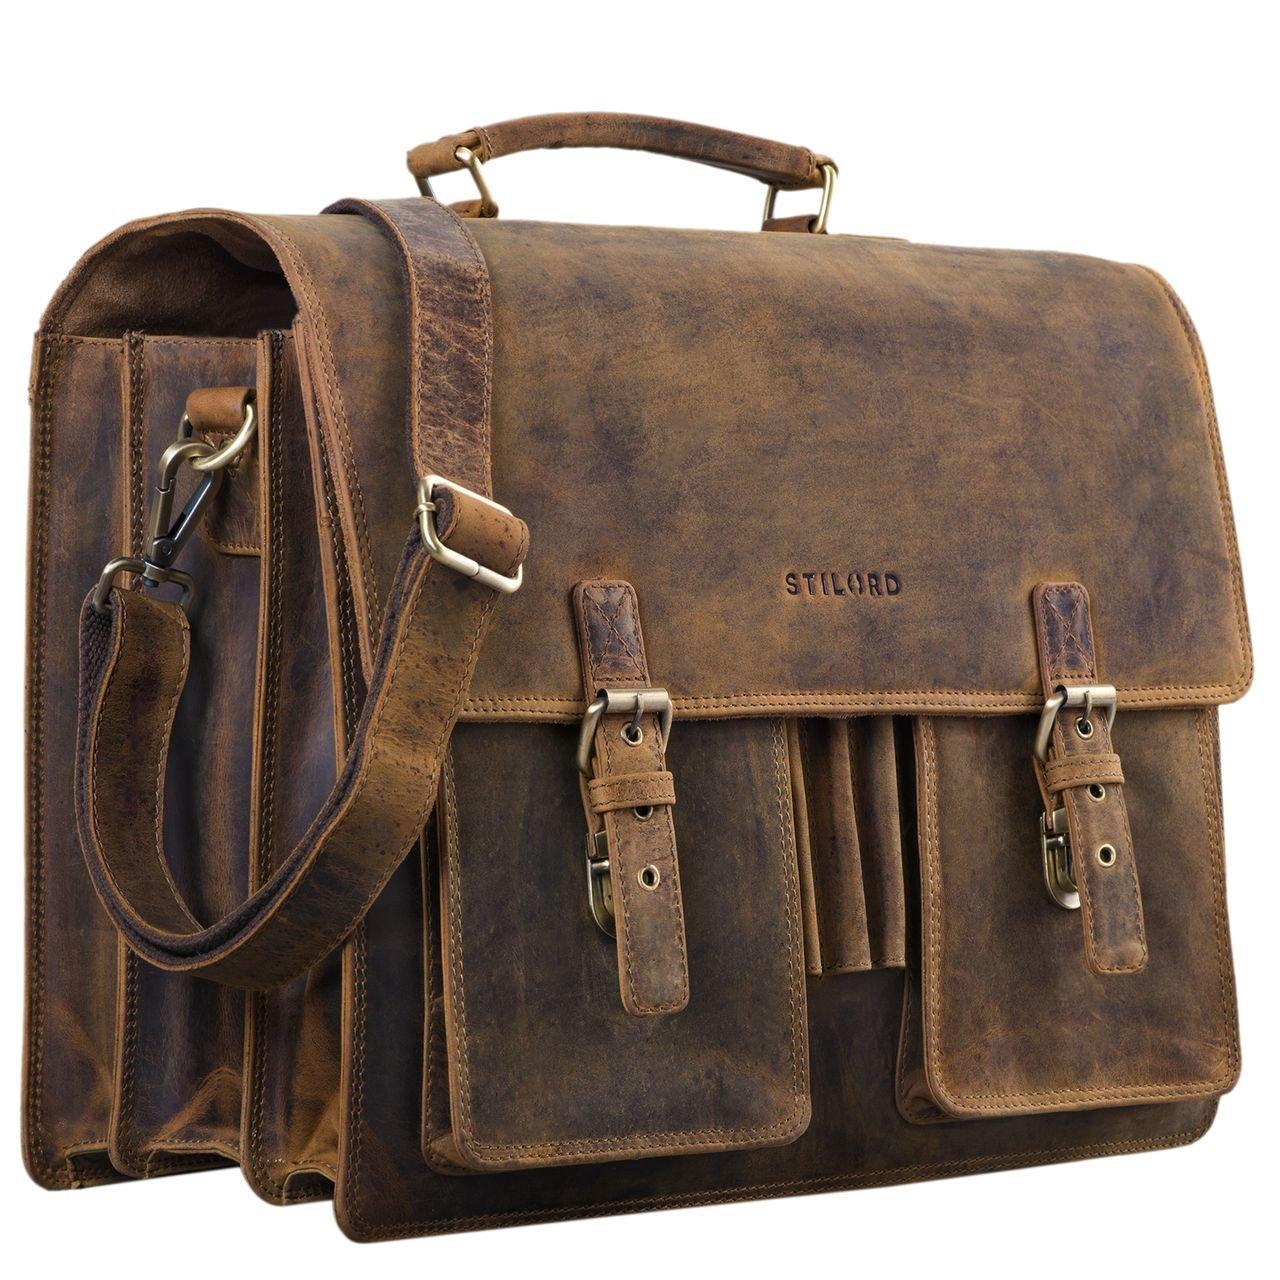 b90a5d47eca3c STILORD  Anton  Aktentasche Leder XL Vintage Lehrertasche mit Laptopfach 15